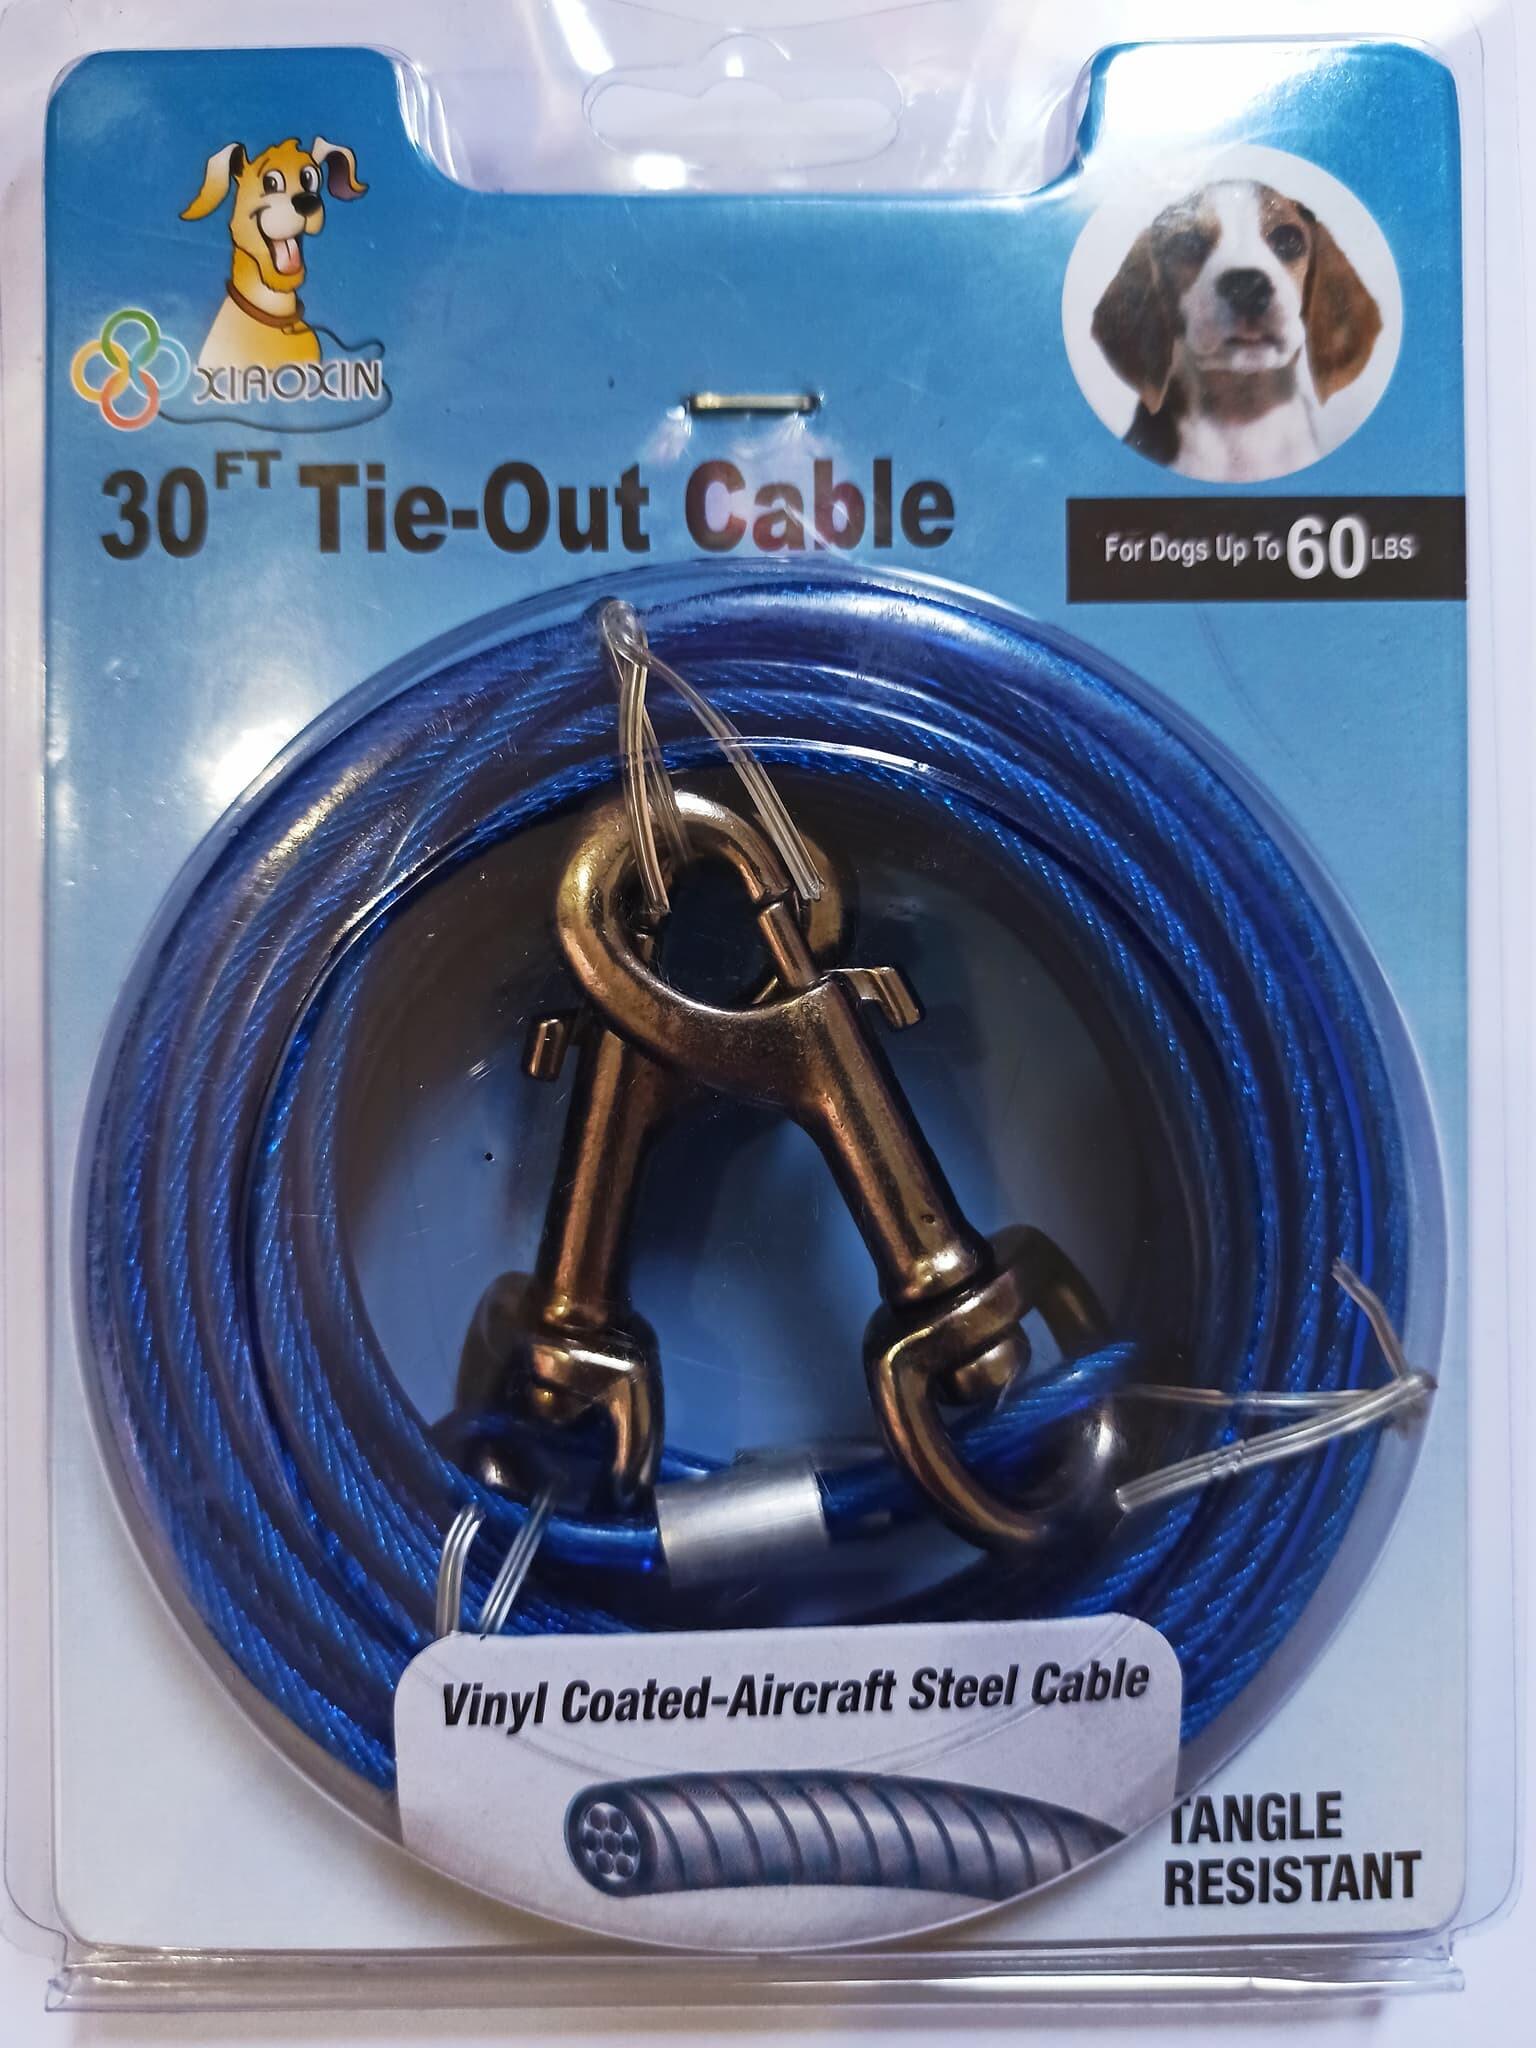 โซ่ล่าม สายเคเบิ้ล Cable โซ่ล่าม โซ่จูง สุนัข ความยาว15;20;30 ฟุต โซ่ล่าม โซ่จูง สุนัข อุปกรณ์สัตว์เลี้ยง พร้อมตะขอเกี่ยว 2 ด้าน หัว-ท้าย.